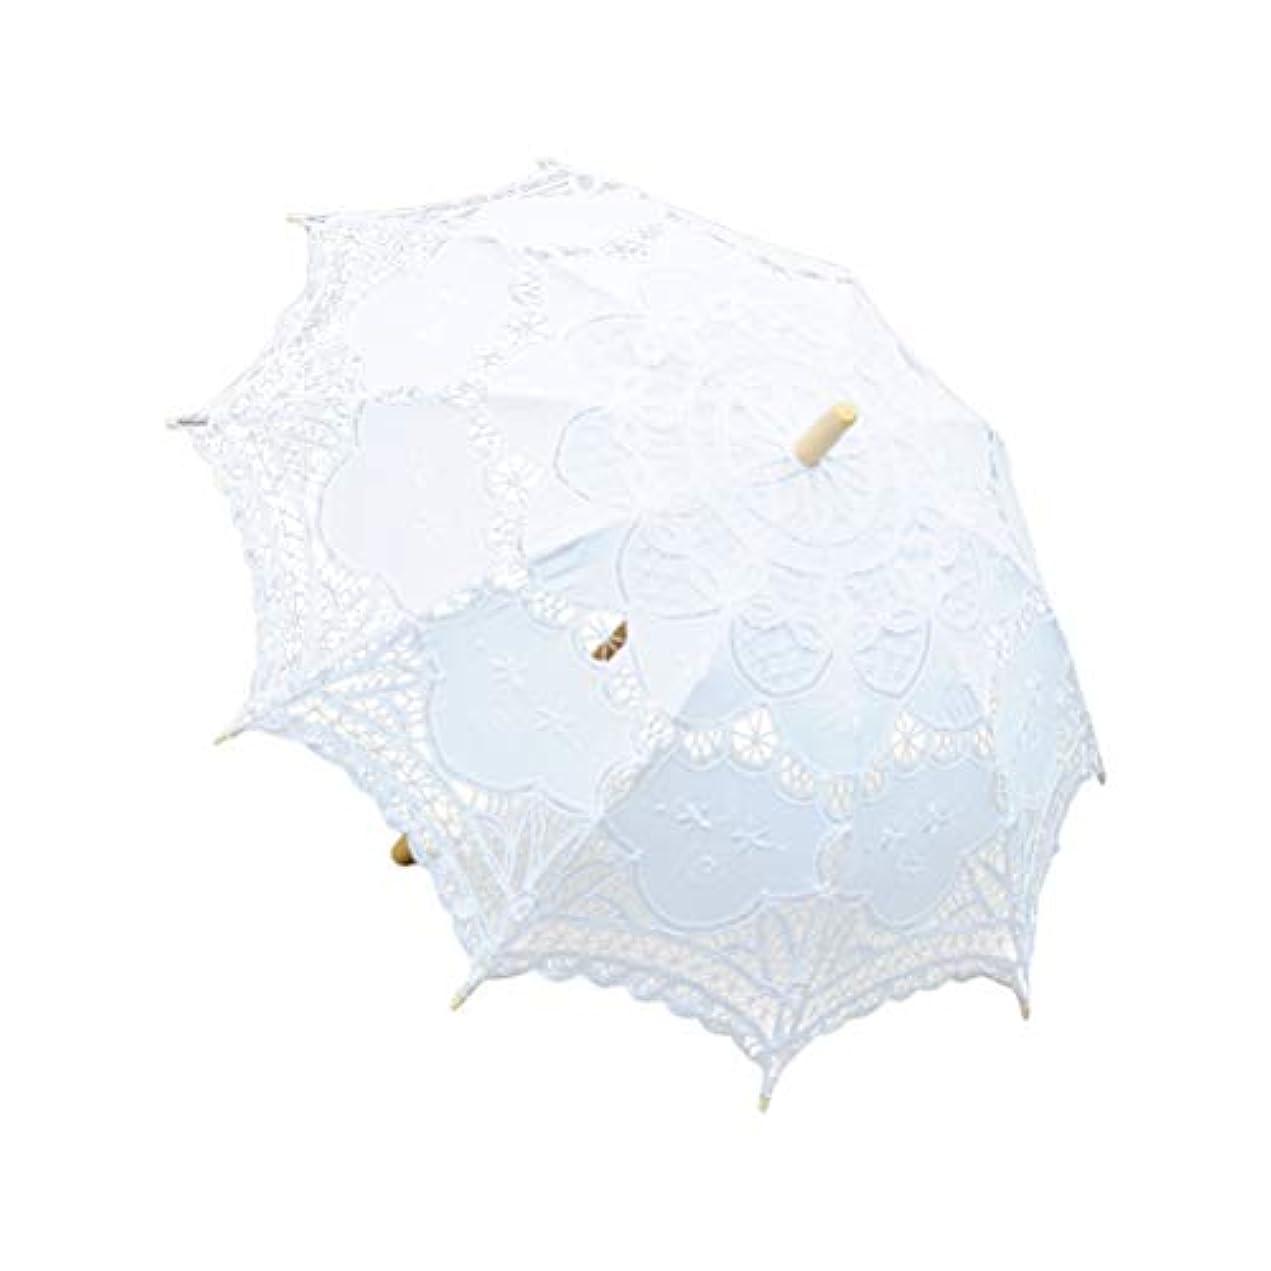 適切な傾向があります見分けるBESTOYARD ホワイトレース刺繍日傘手作り傘fotブライダルシャワーレディーコスチュームアクセサリーフォトプロップスウェディングダンス(ホワイト)